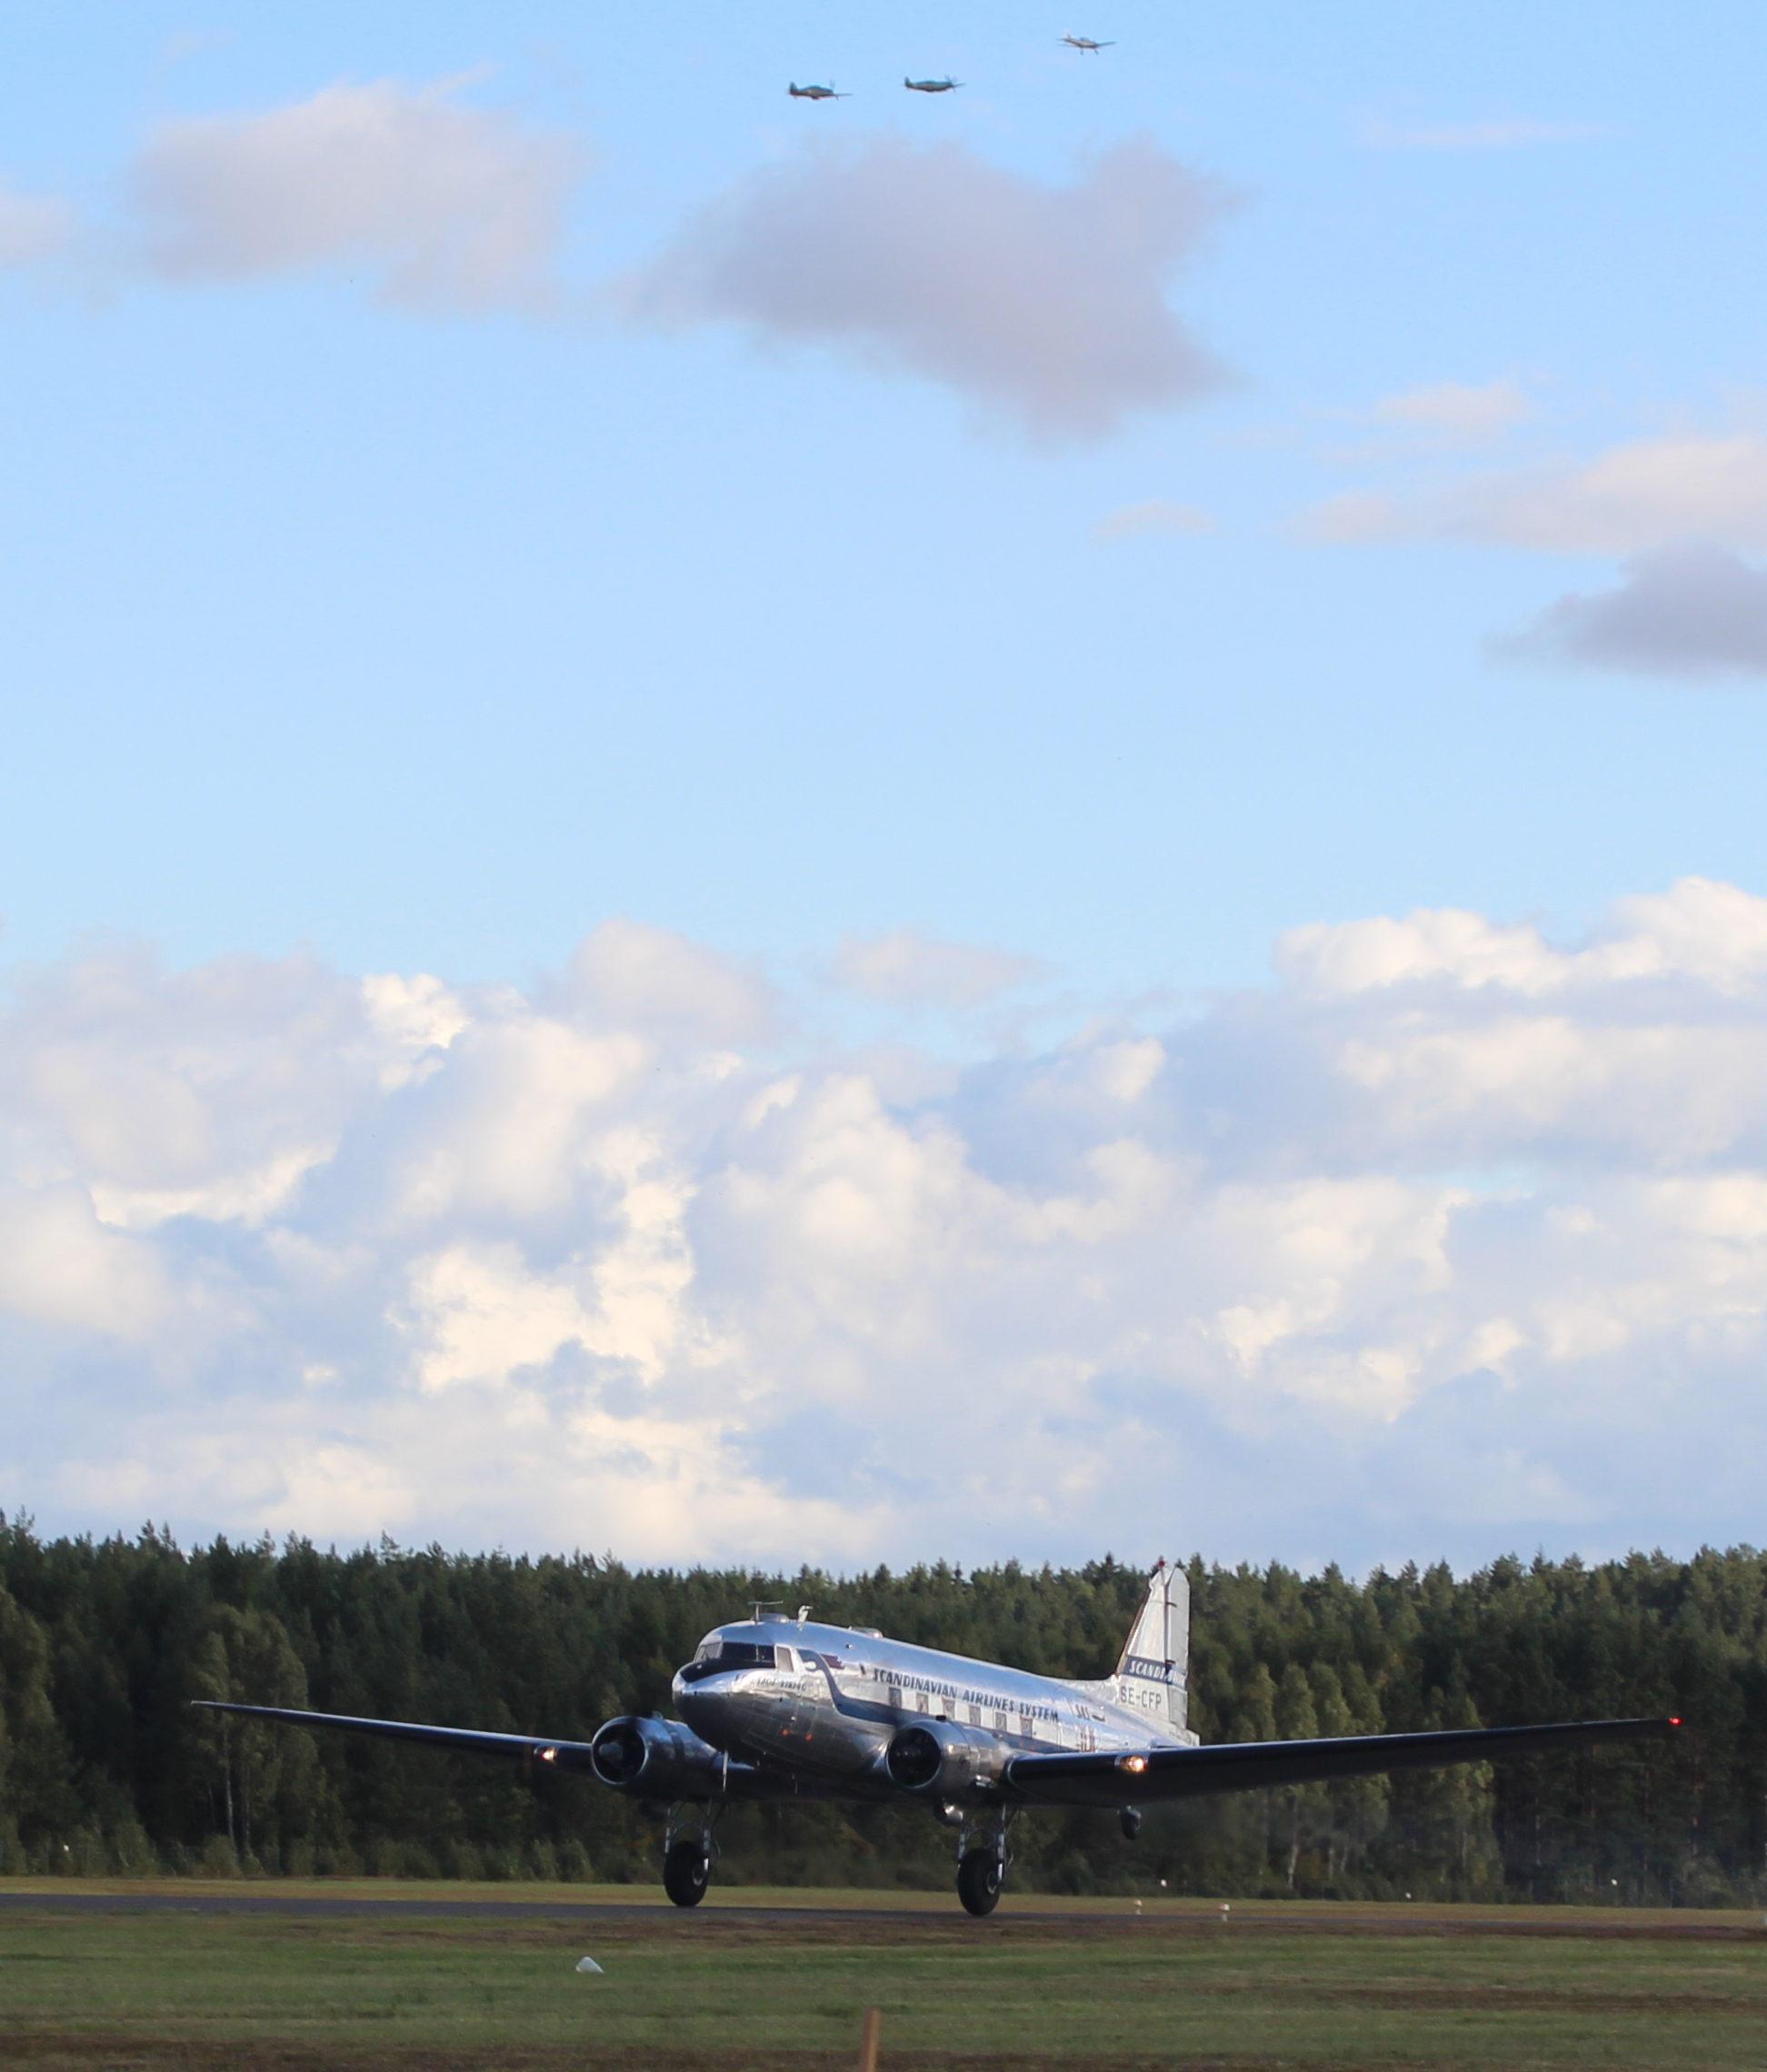 Daisy startar för att flyga hem och långt bort i fjärran är det en Chipmunk från Borås som flyger i sällskap med en Spitfire och en Hurricane.